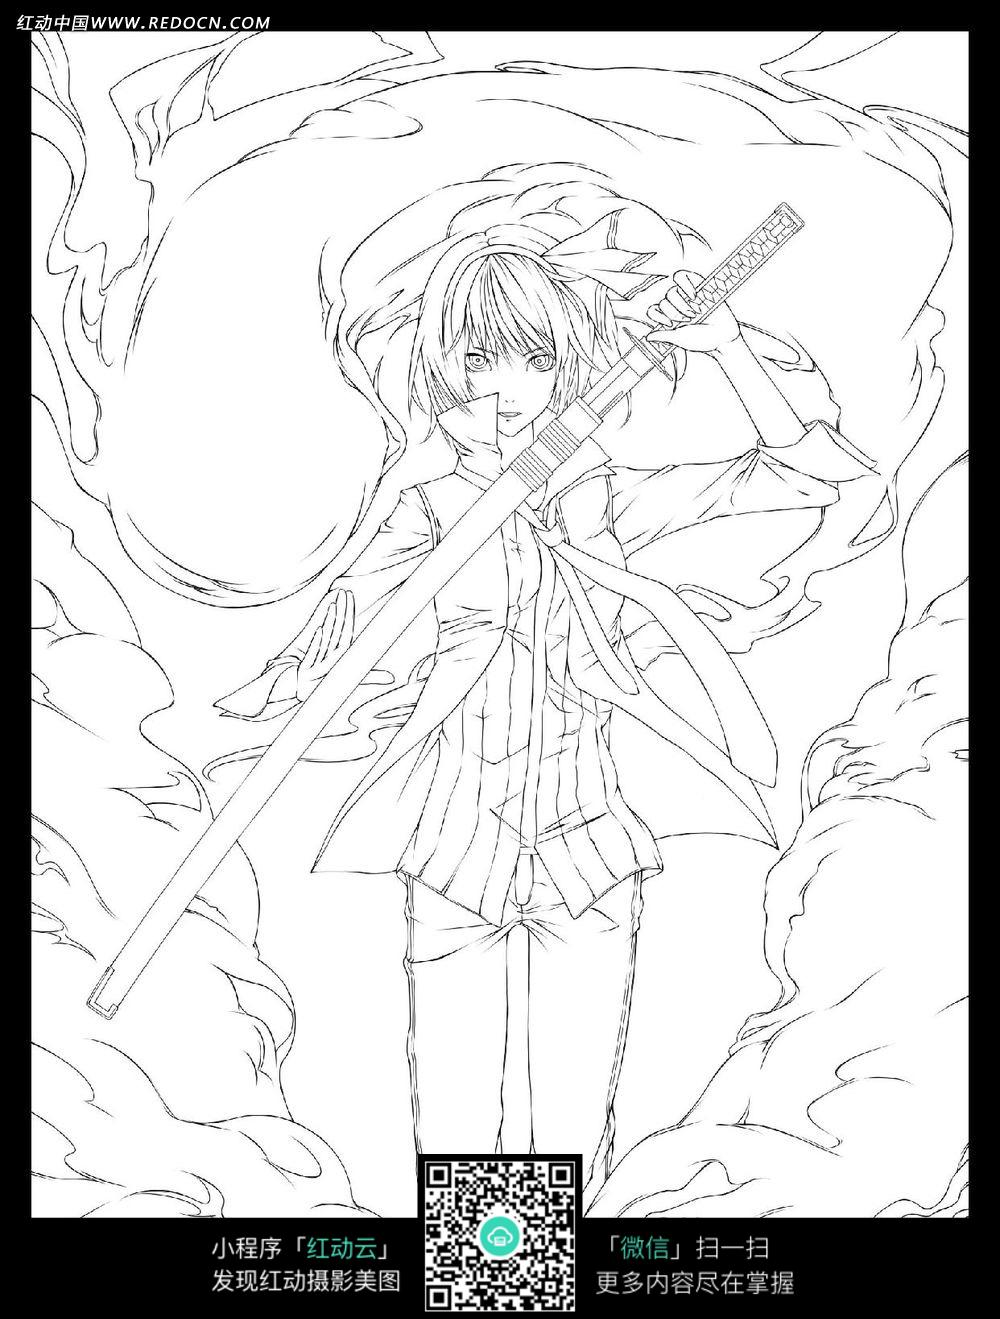 刀和女孩卡通手绘线稿